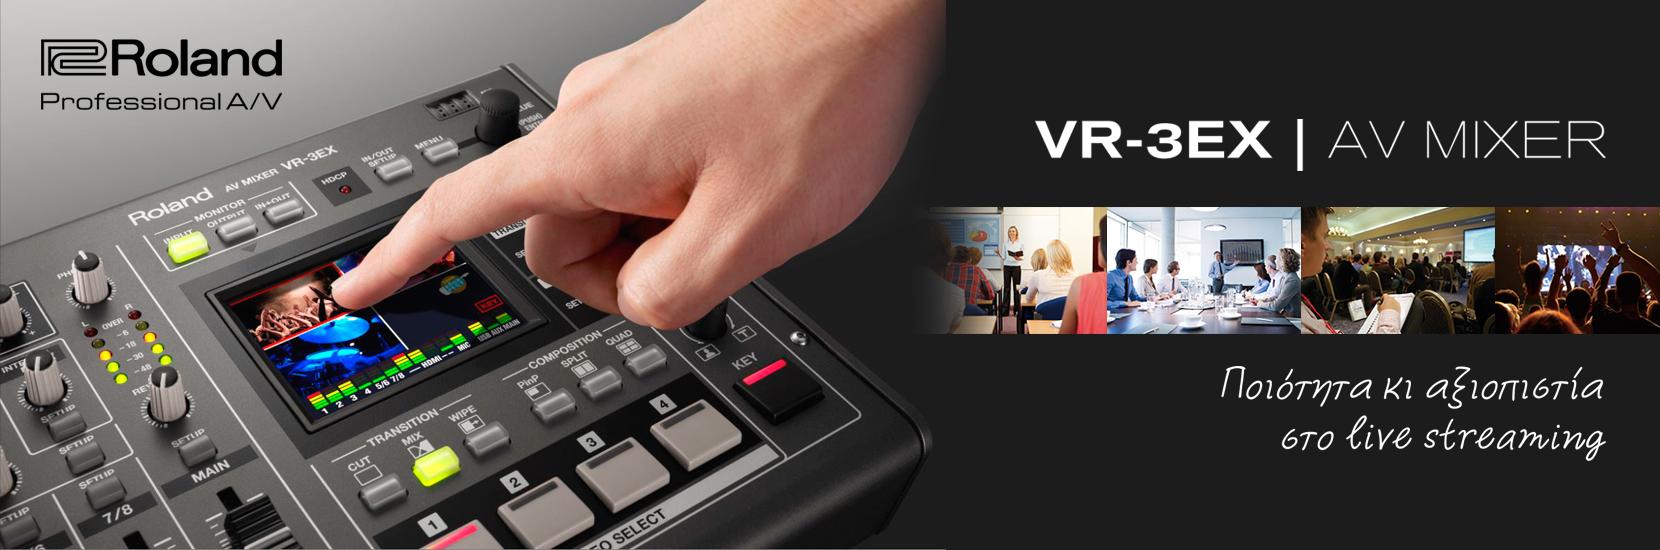 VR-3EX